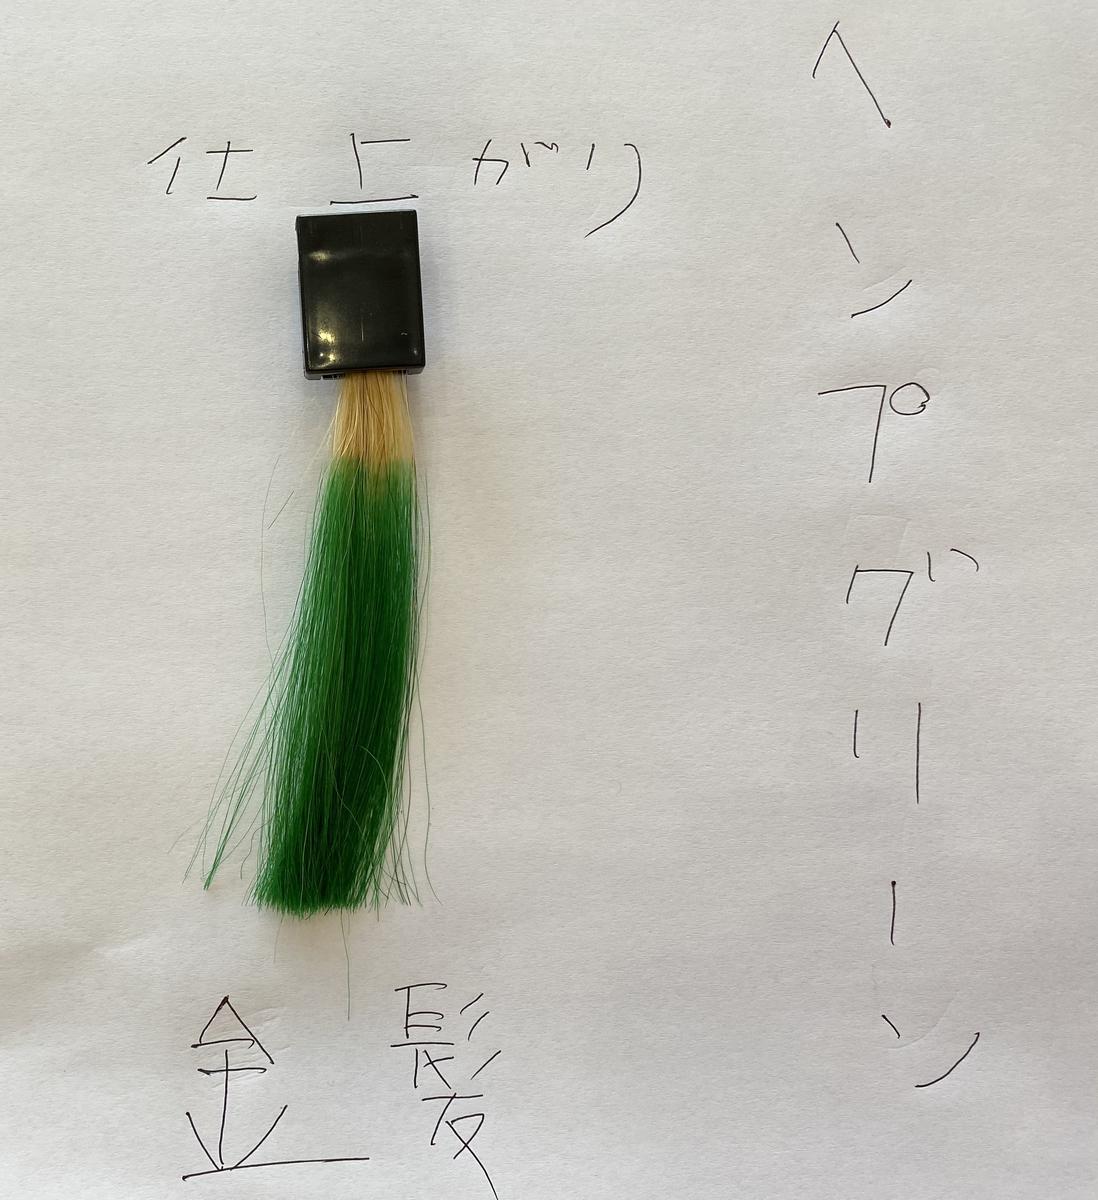 ヘンプグリーンで染めた後の金髪の毛束